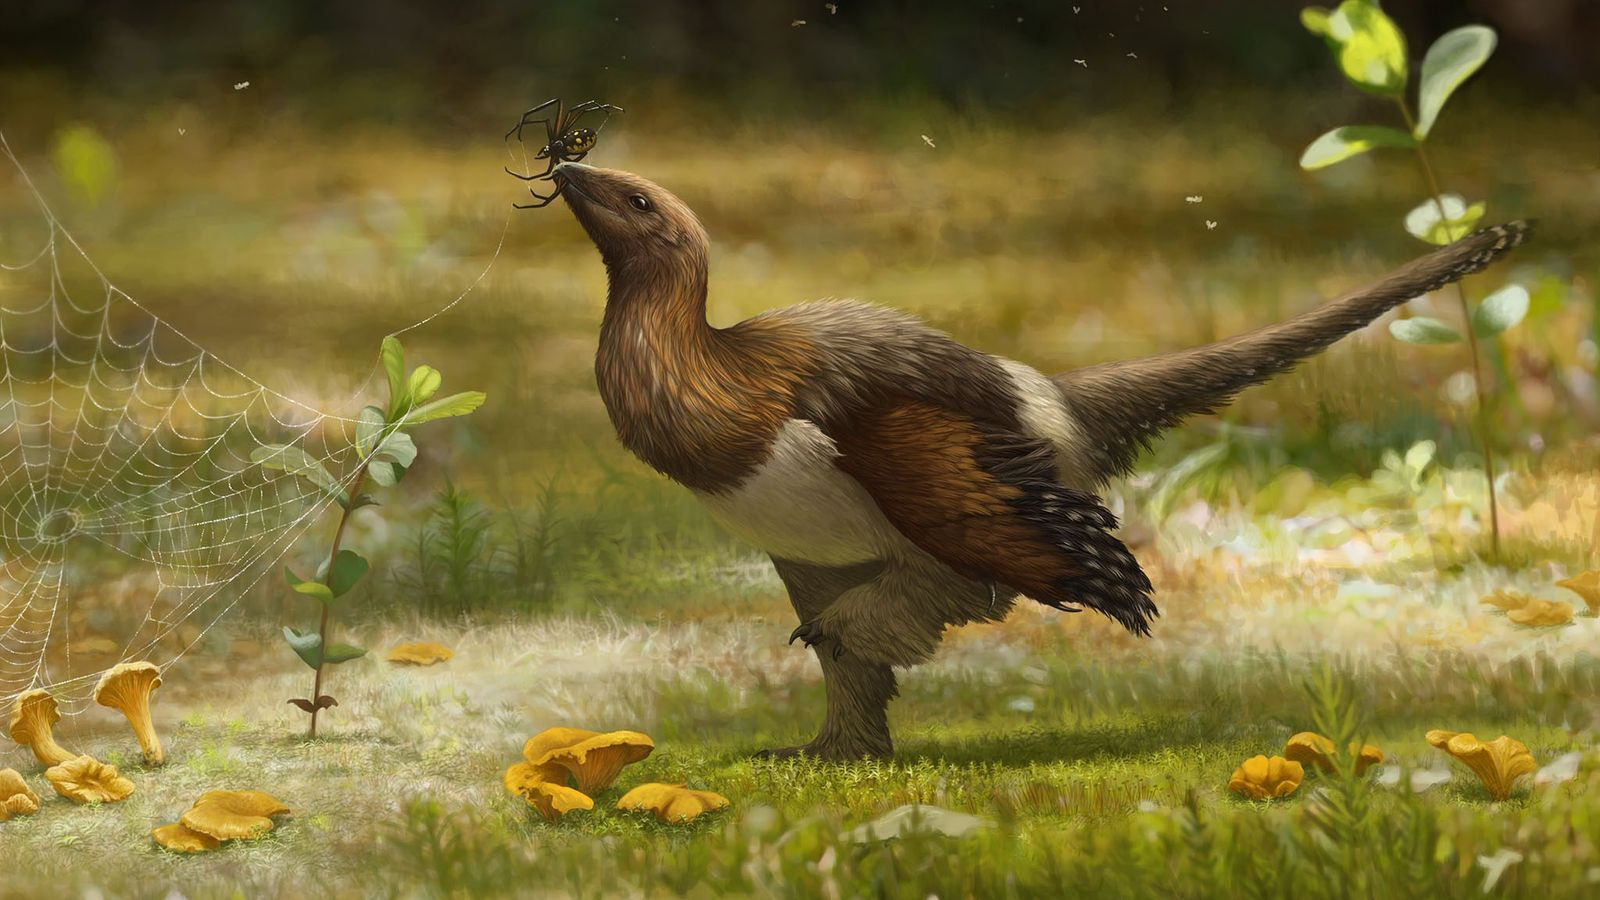 Dans cette reconstitution artistique, la nouvelle espèce de dinosaure Serikornis sungei est à la recherche de ...